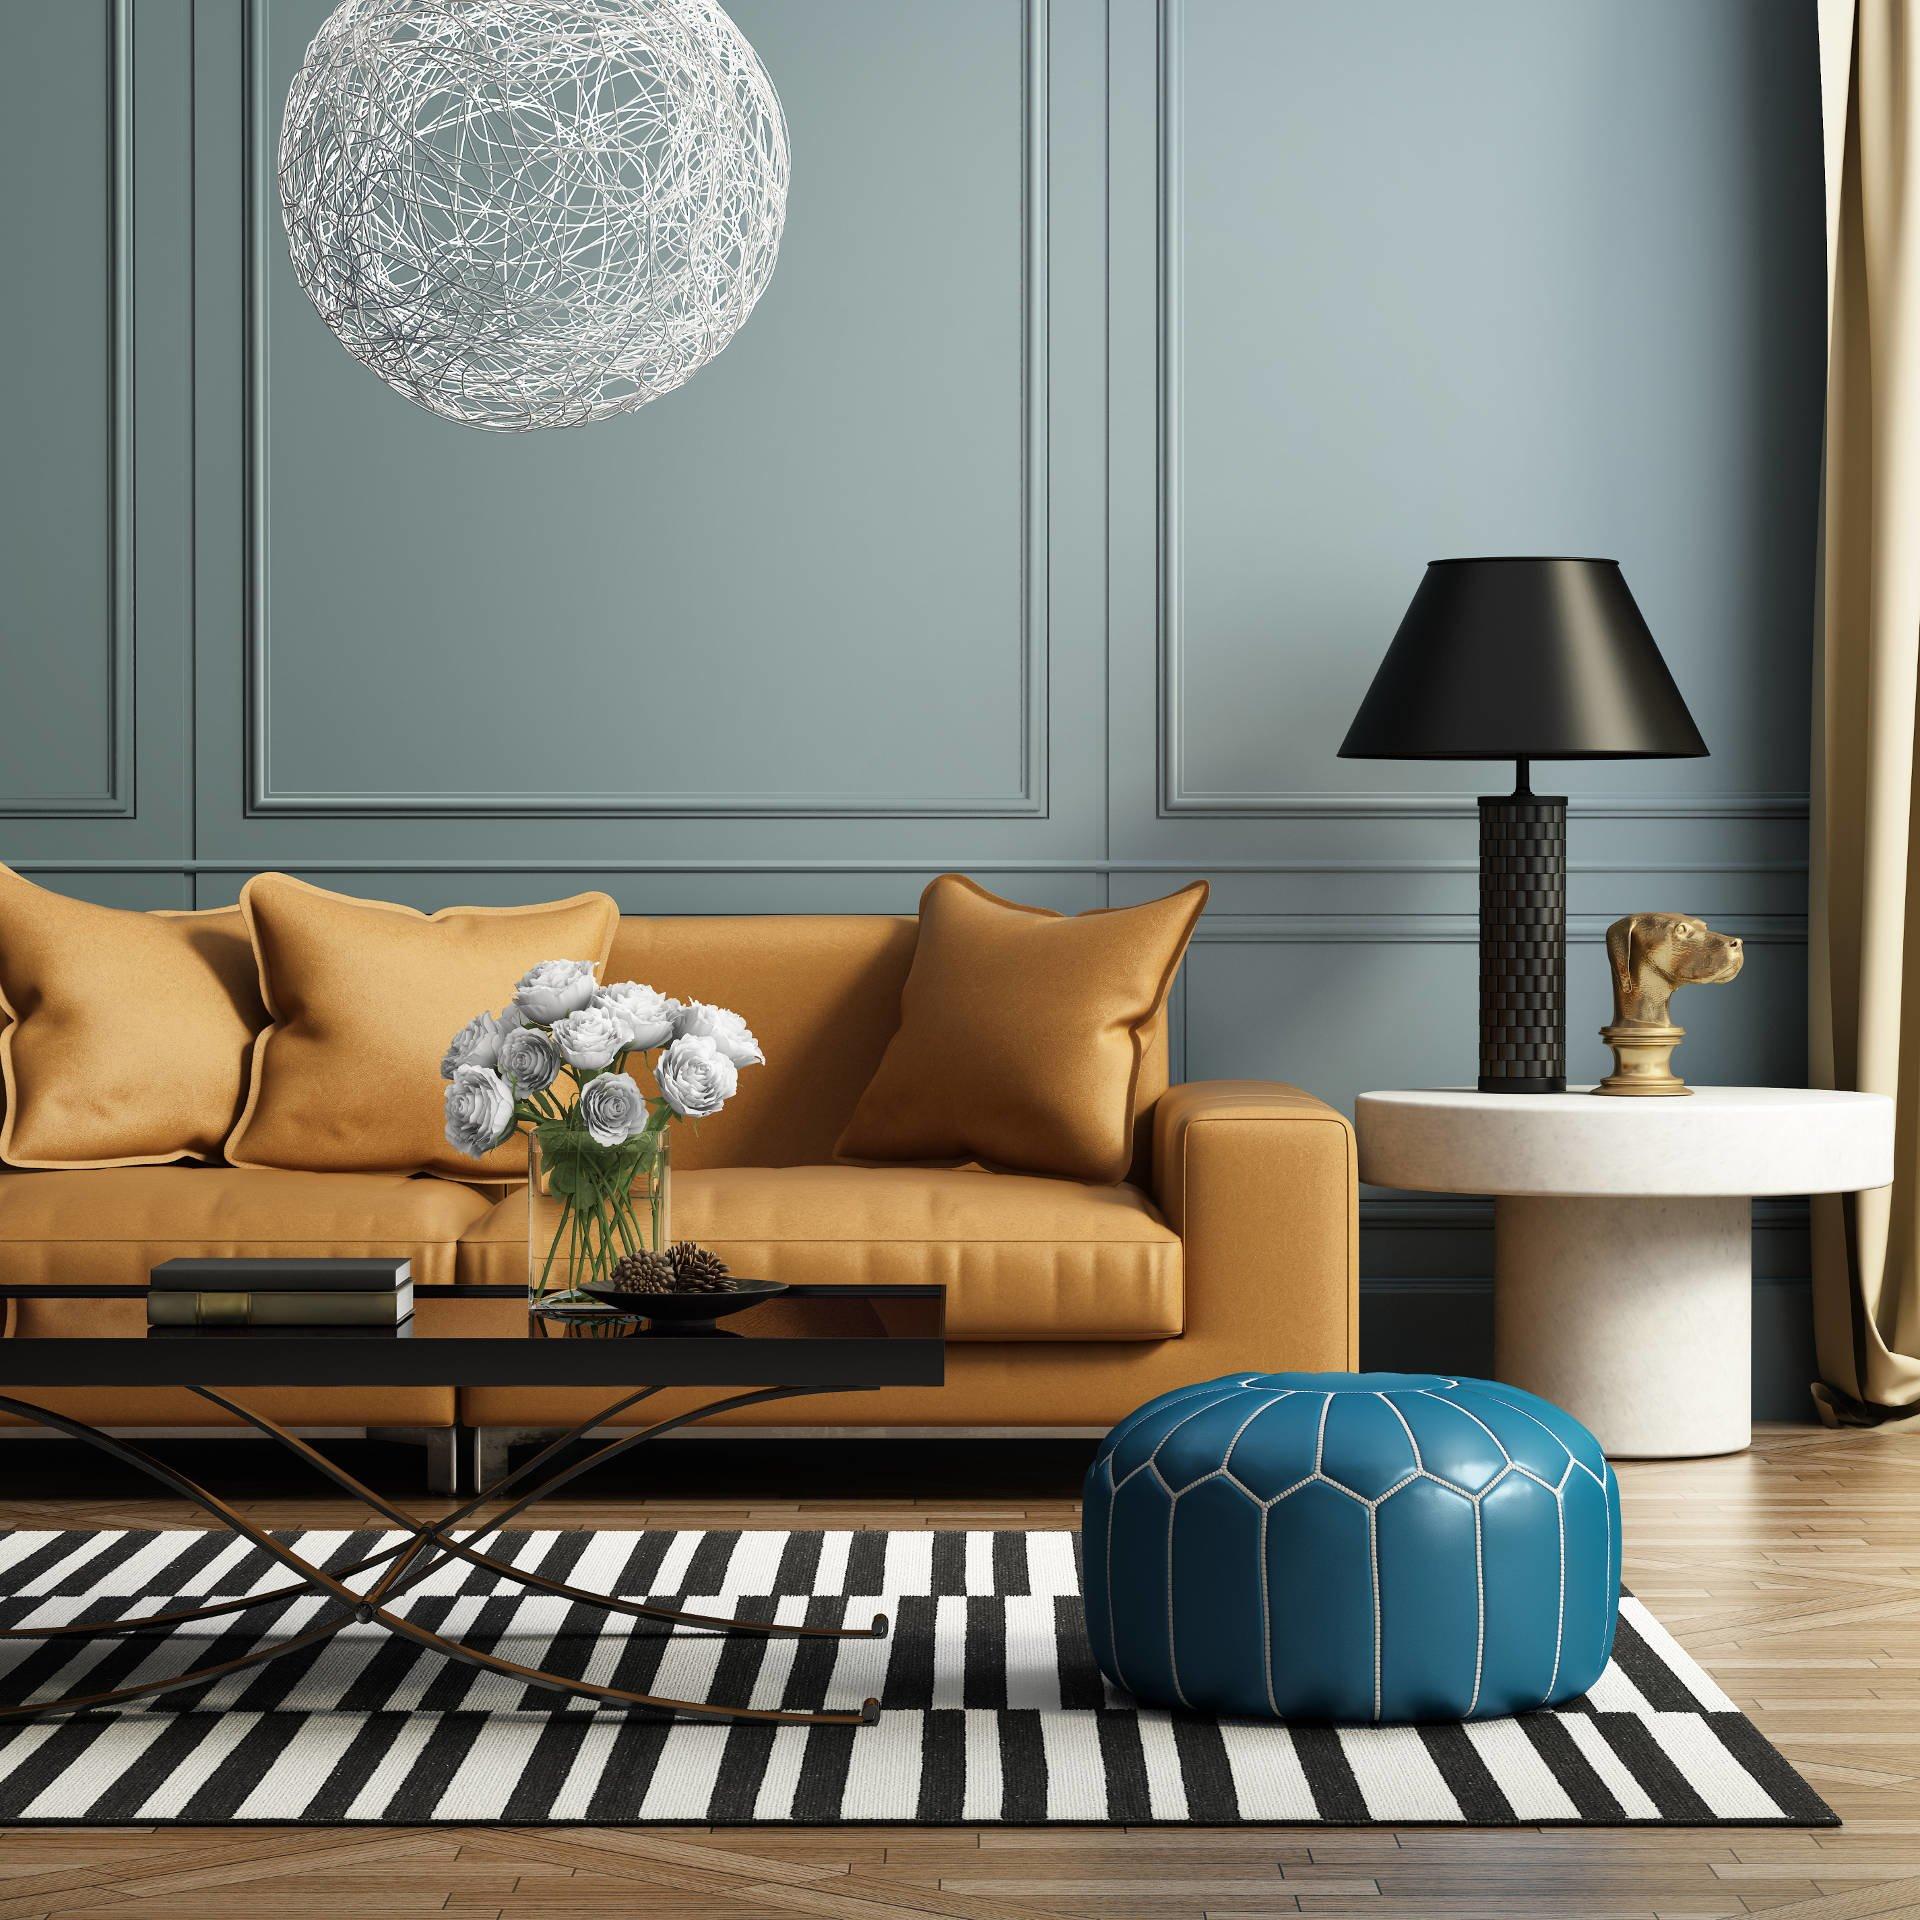 Kolory Do Salonu, niebieska ściana, sztukateria na ścianie,salon skórzana beżową kanapą, dywan w czarno-białe pasy, niebieska pufa, w tle niebieska ściana